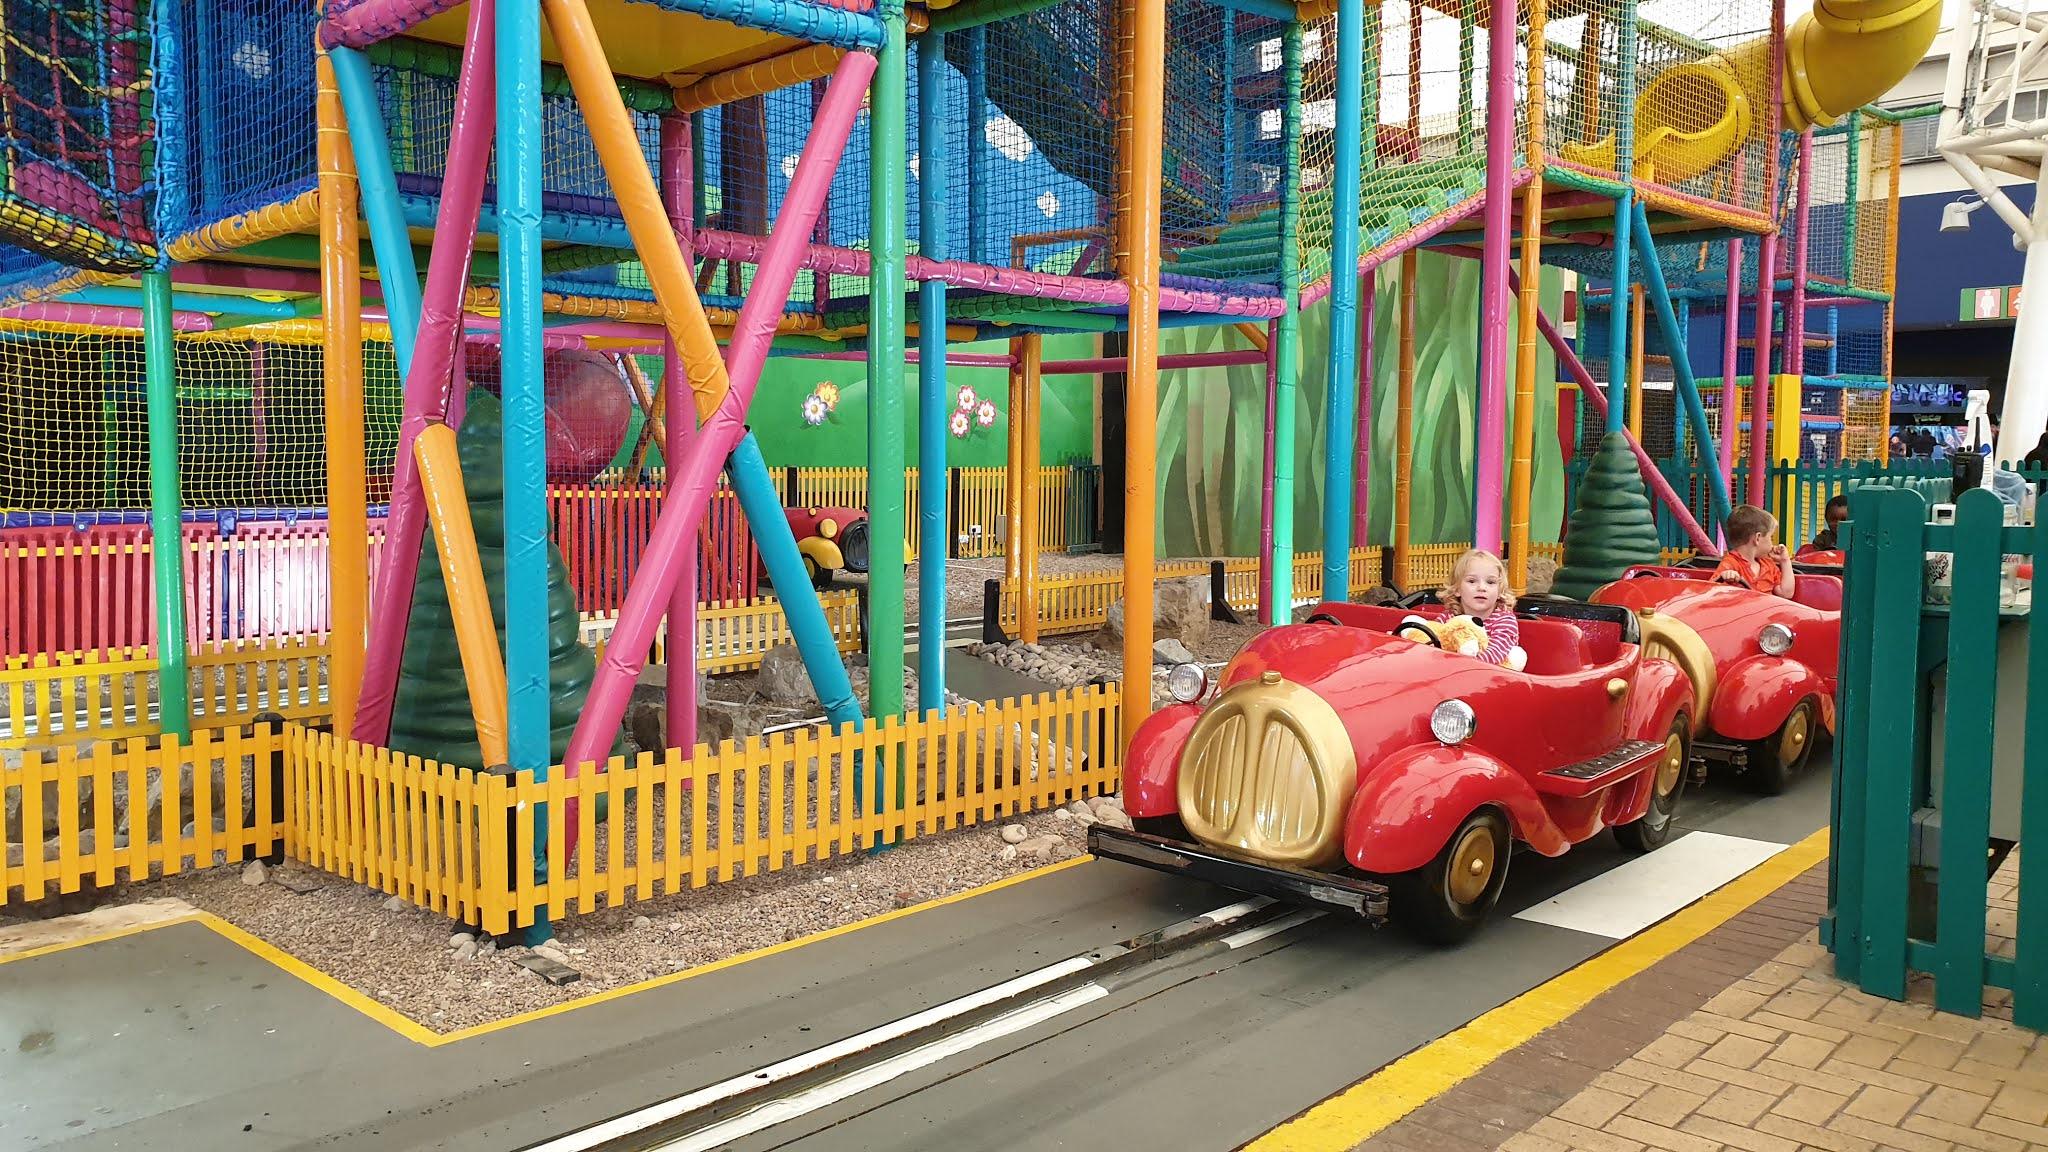 butlins indoor fairground